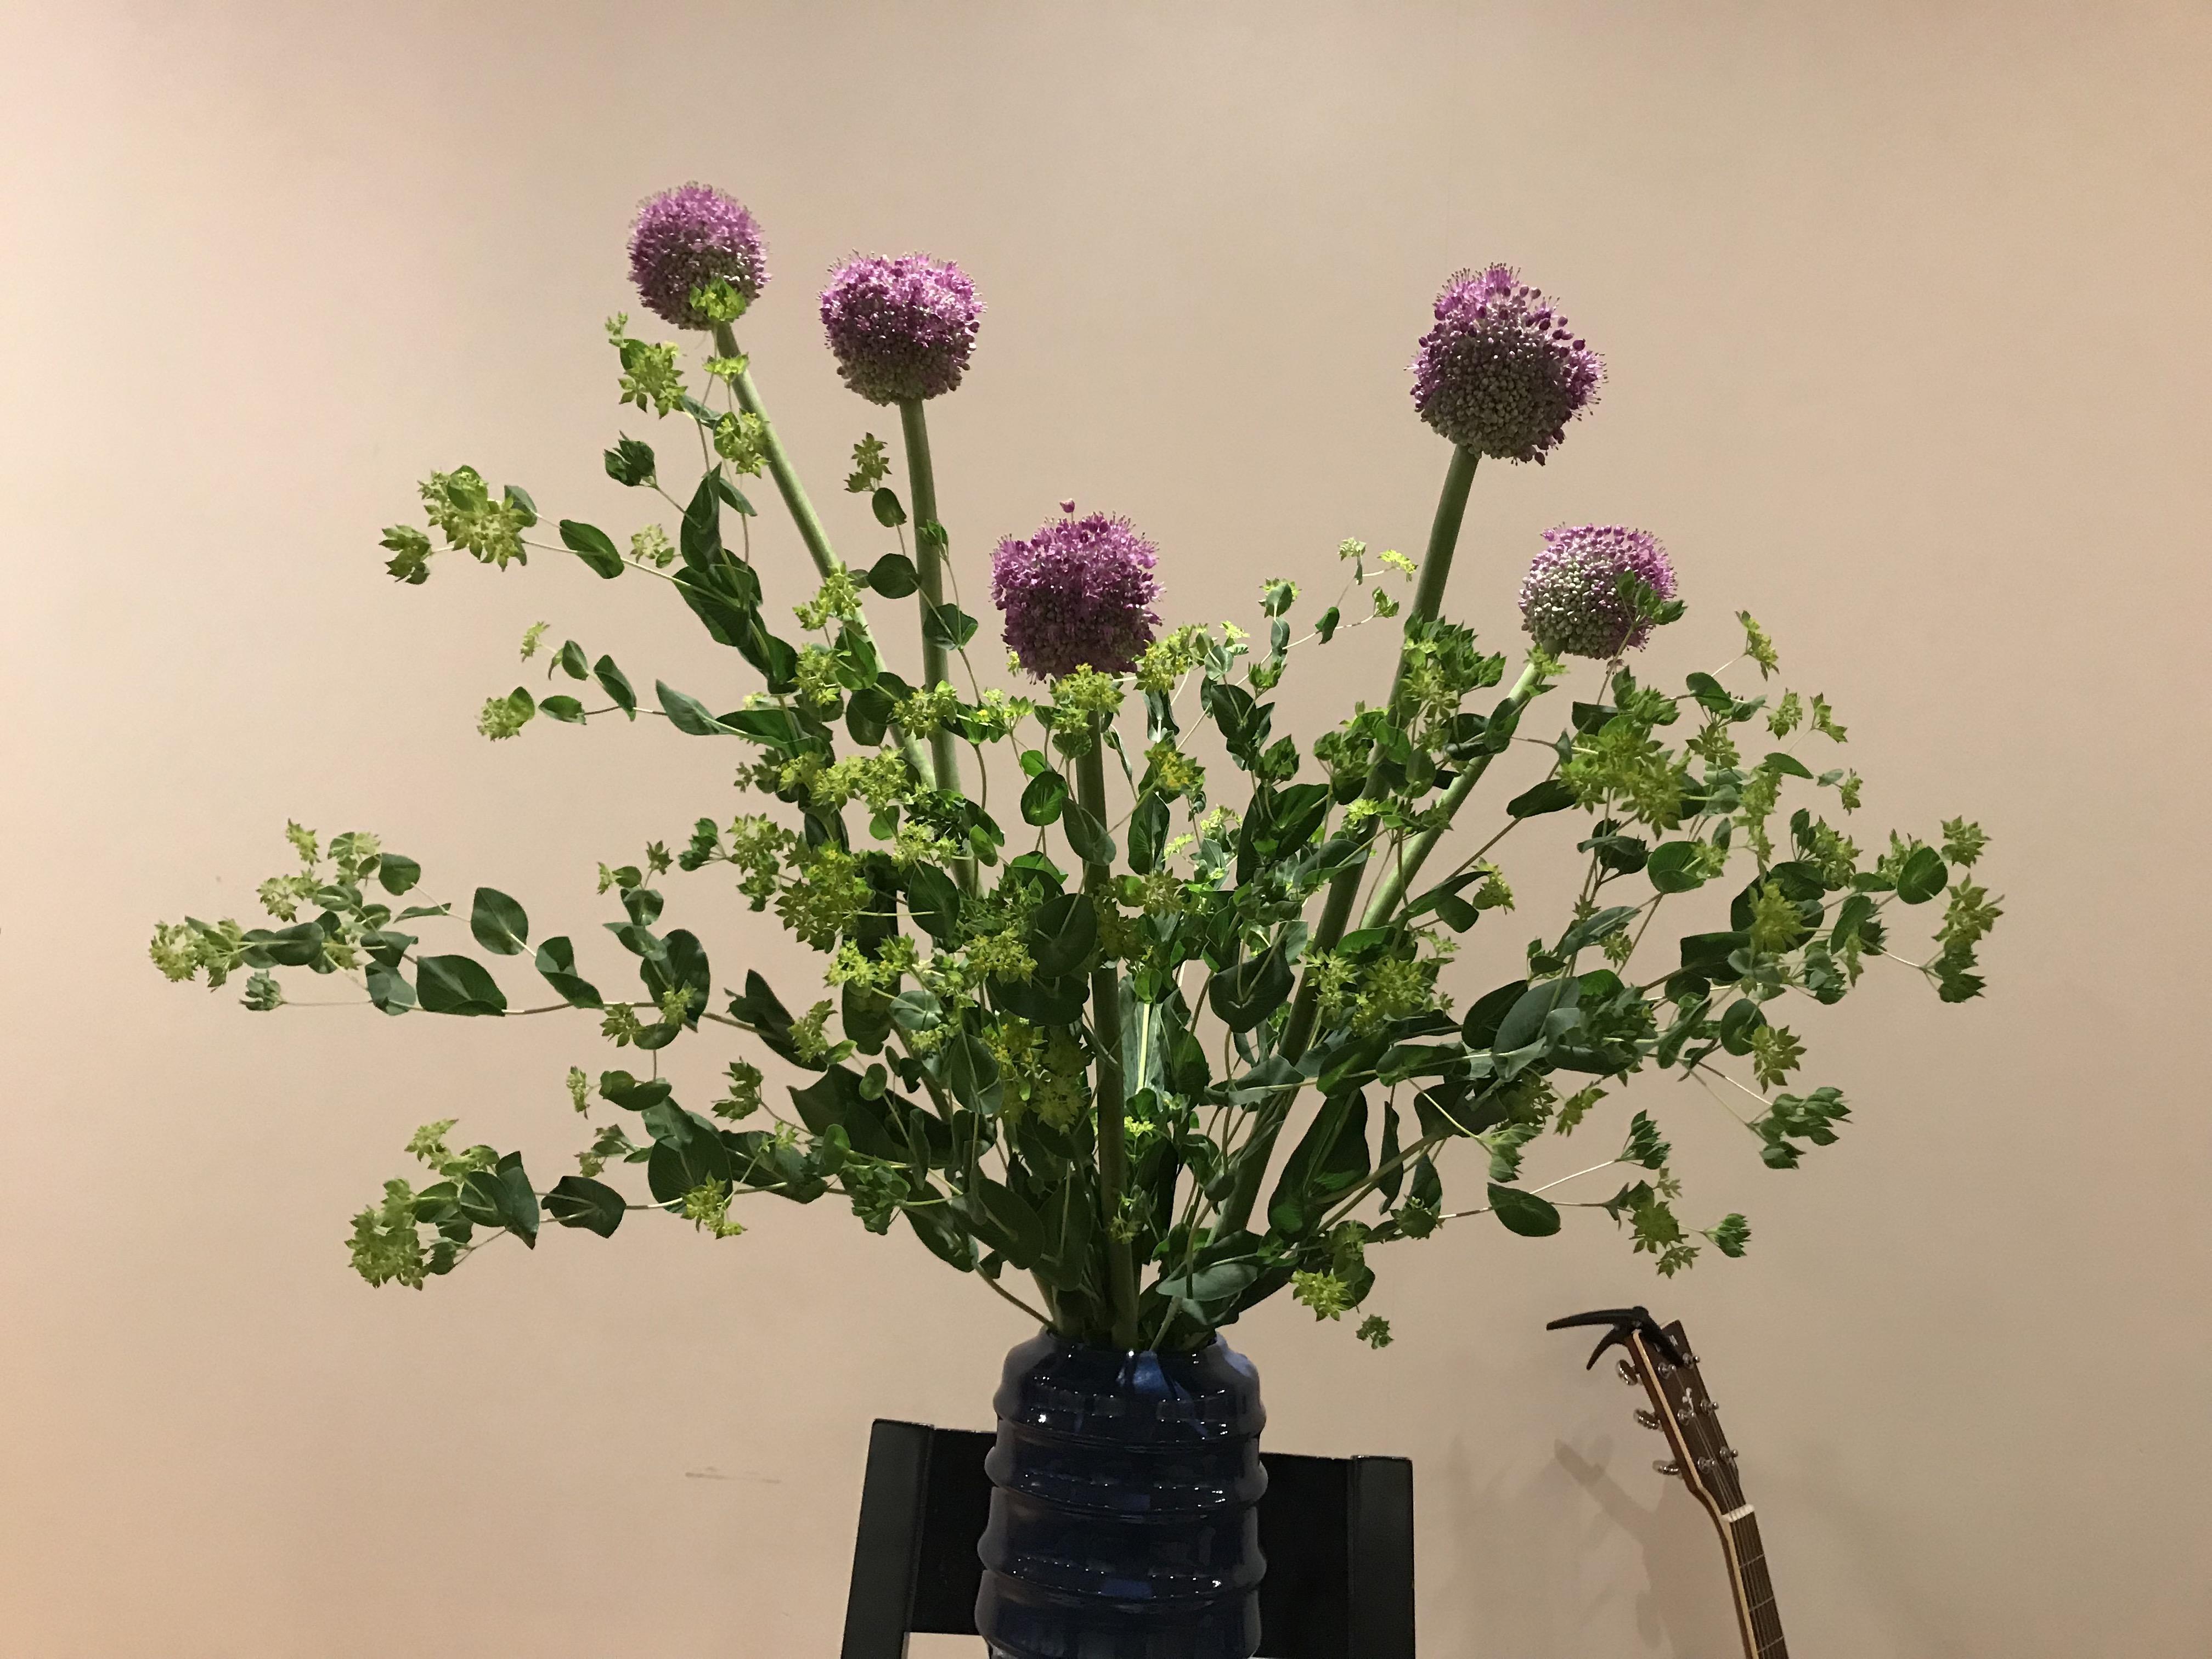 2018/5/27、聖日礼拝の花